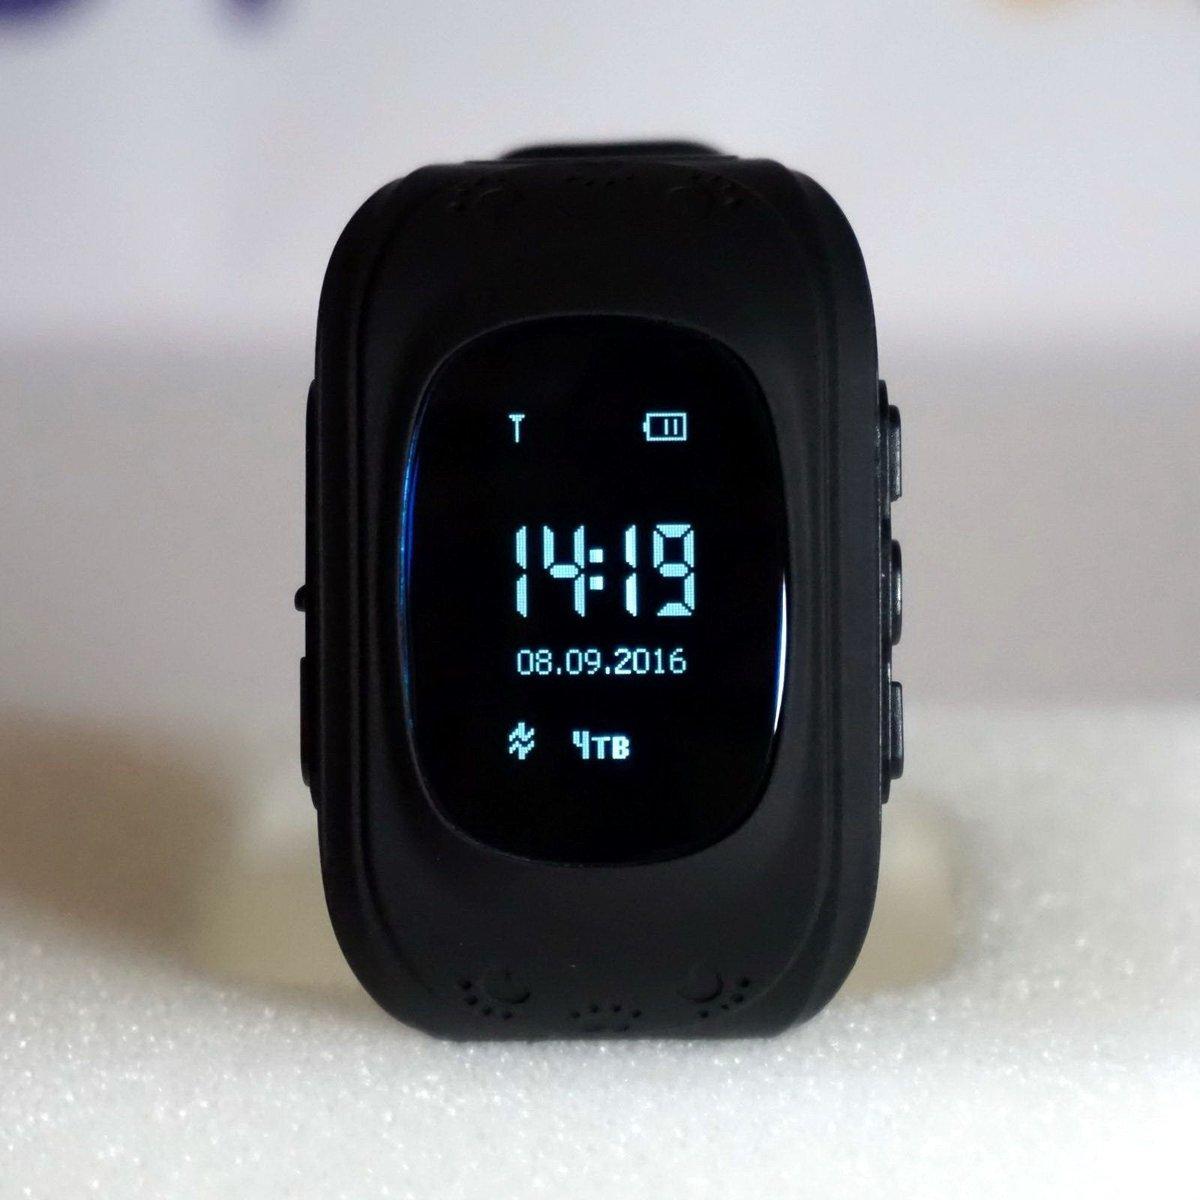 Смарт часы не подлежит гарантии если было самовольное вскрытие устройства.